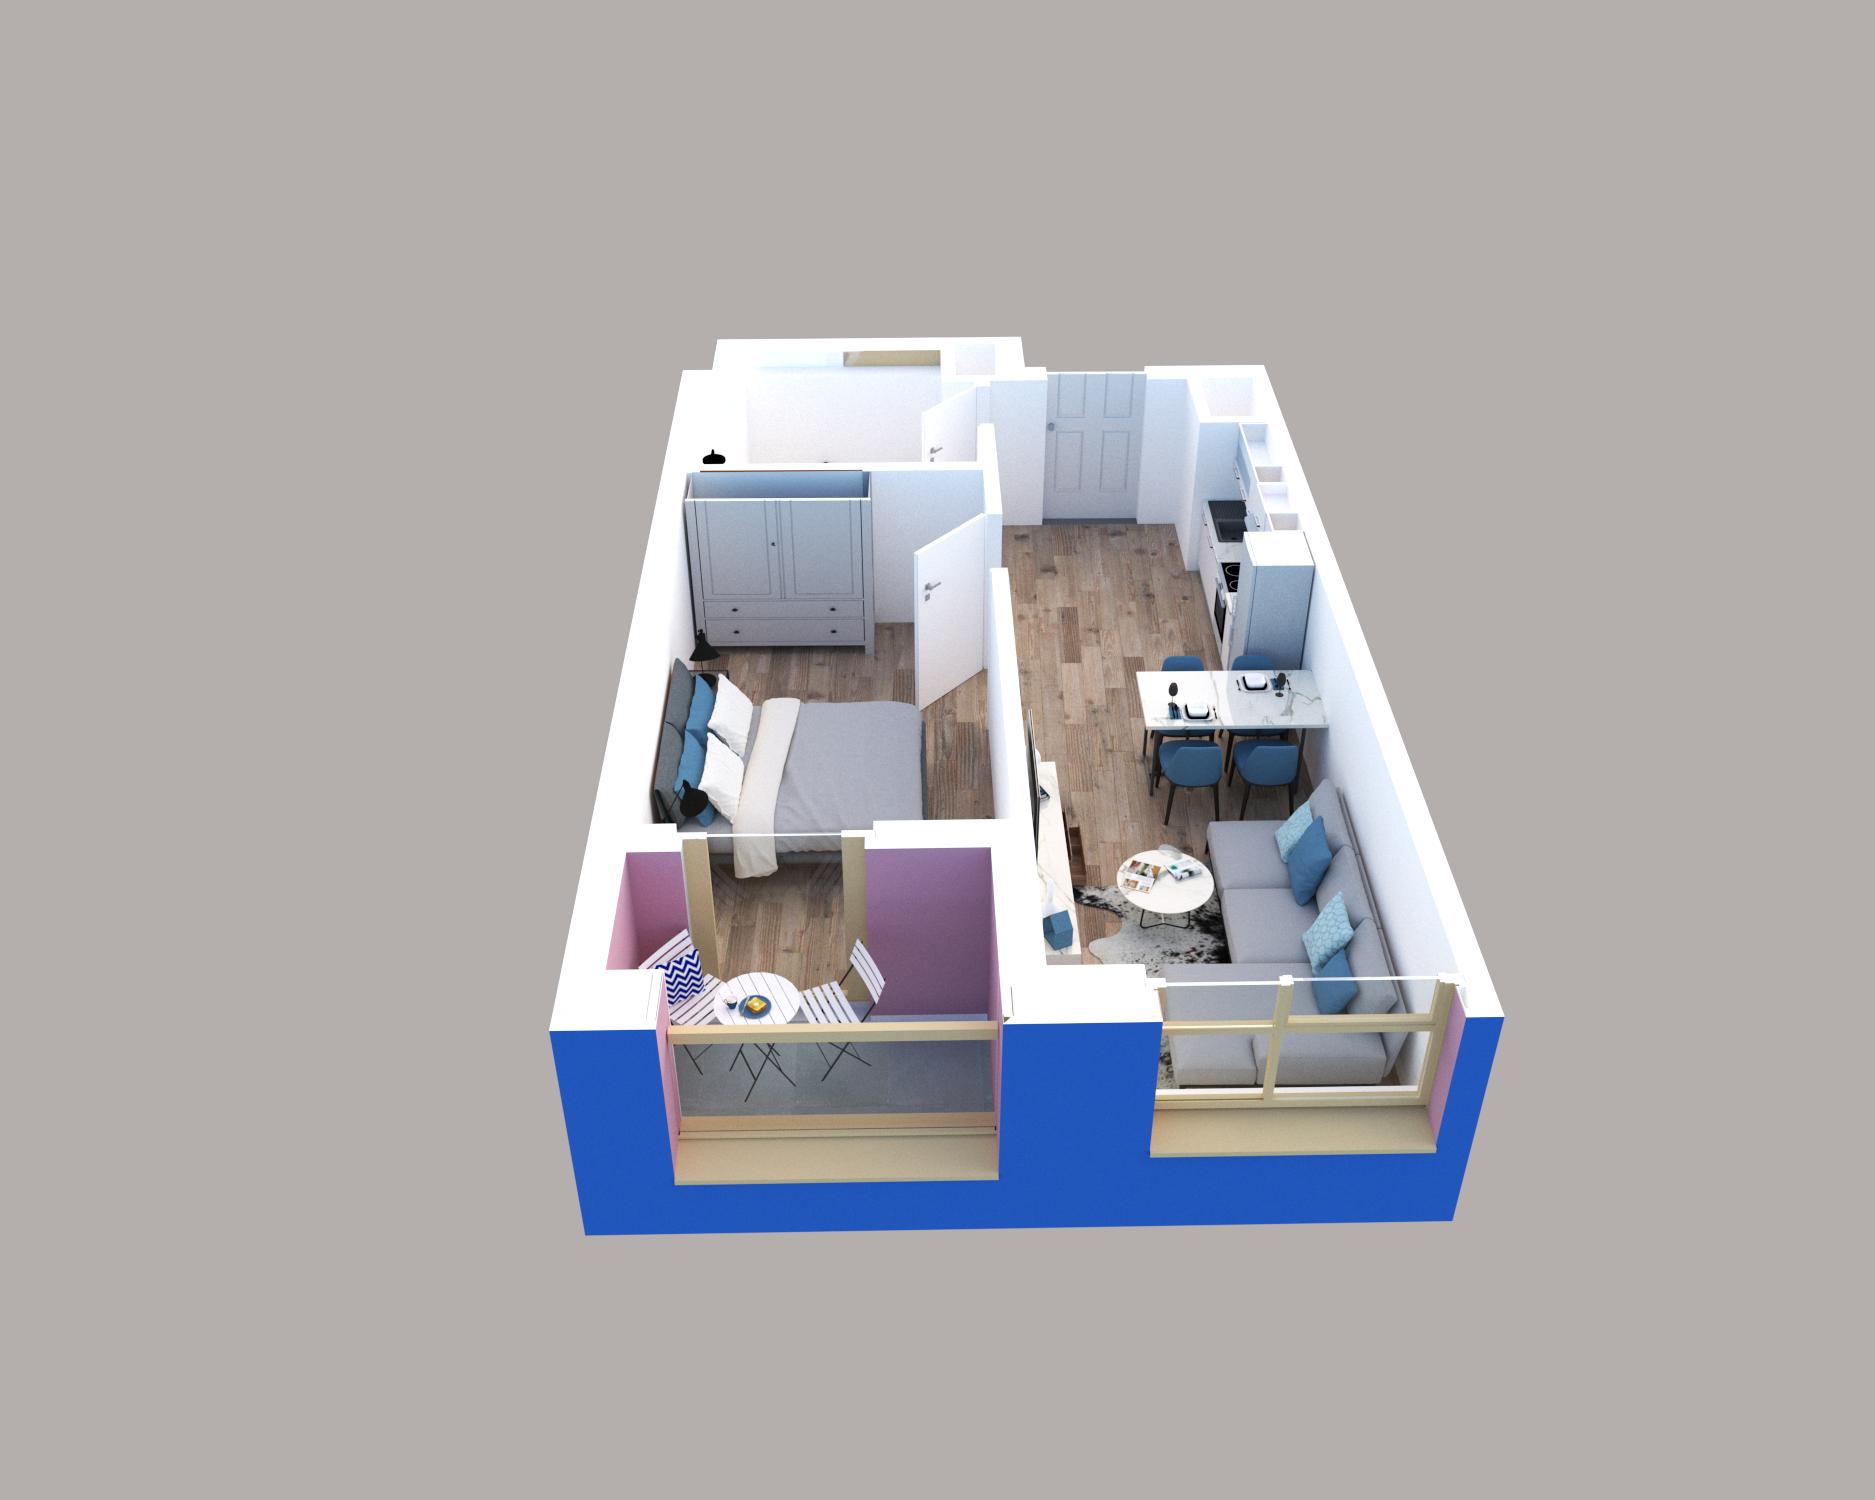 Apartament 1+1 në shitje në Tiranë - Mangalem 21 Shkalla 28 Kati 6